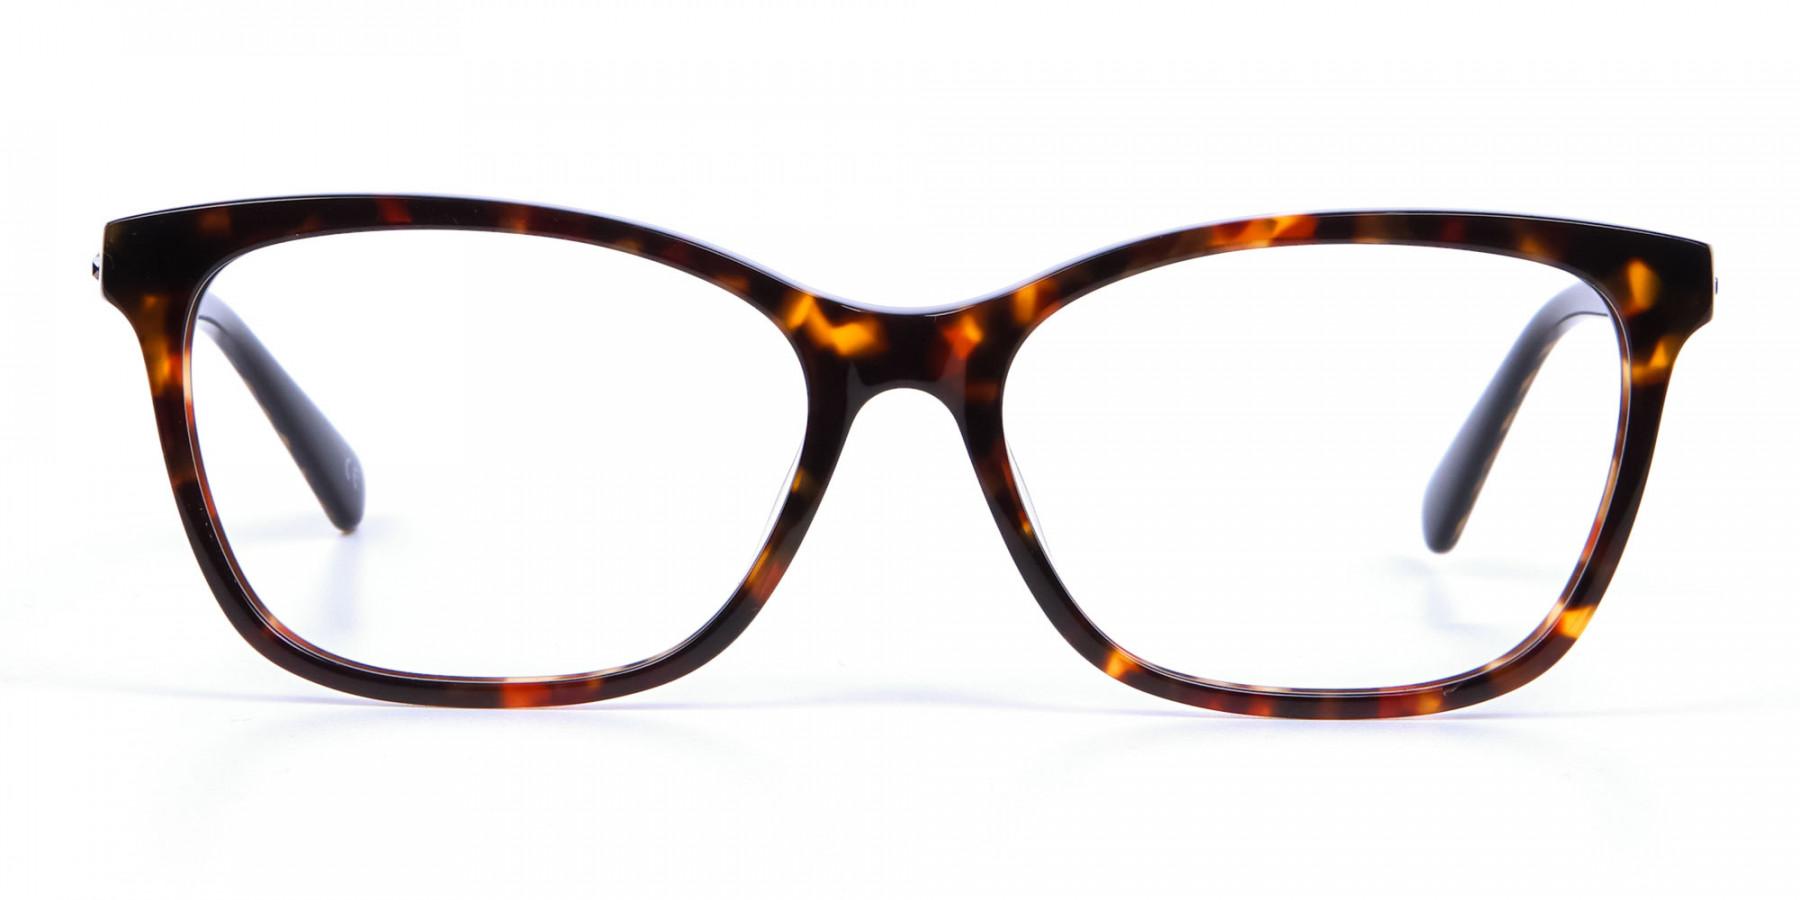 Tortoiseshell Cat Eye Glasses for Women